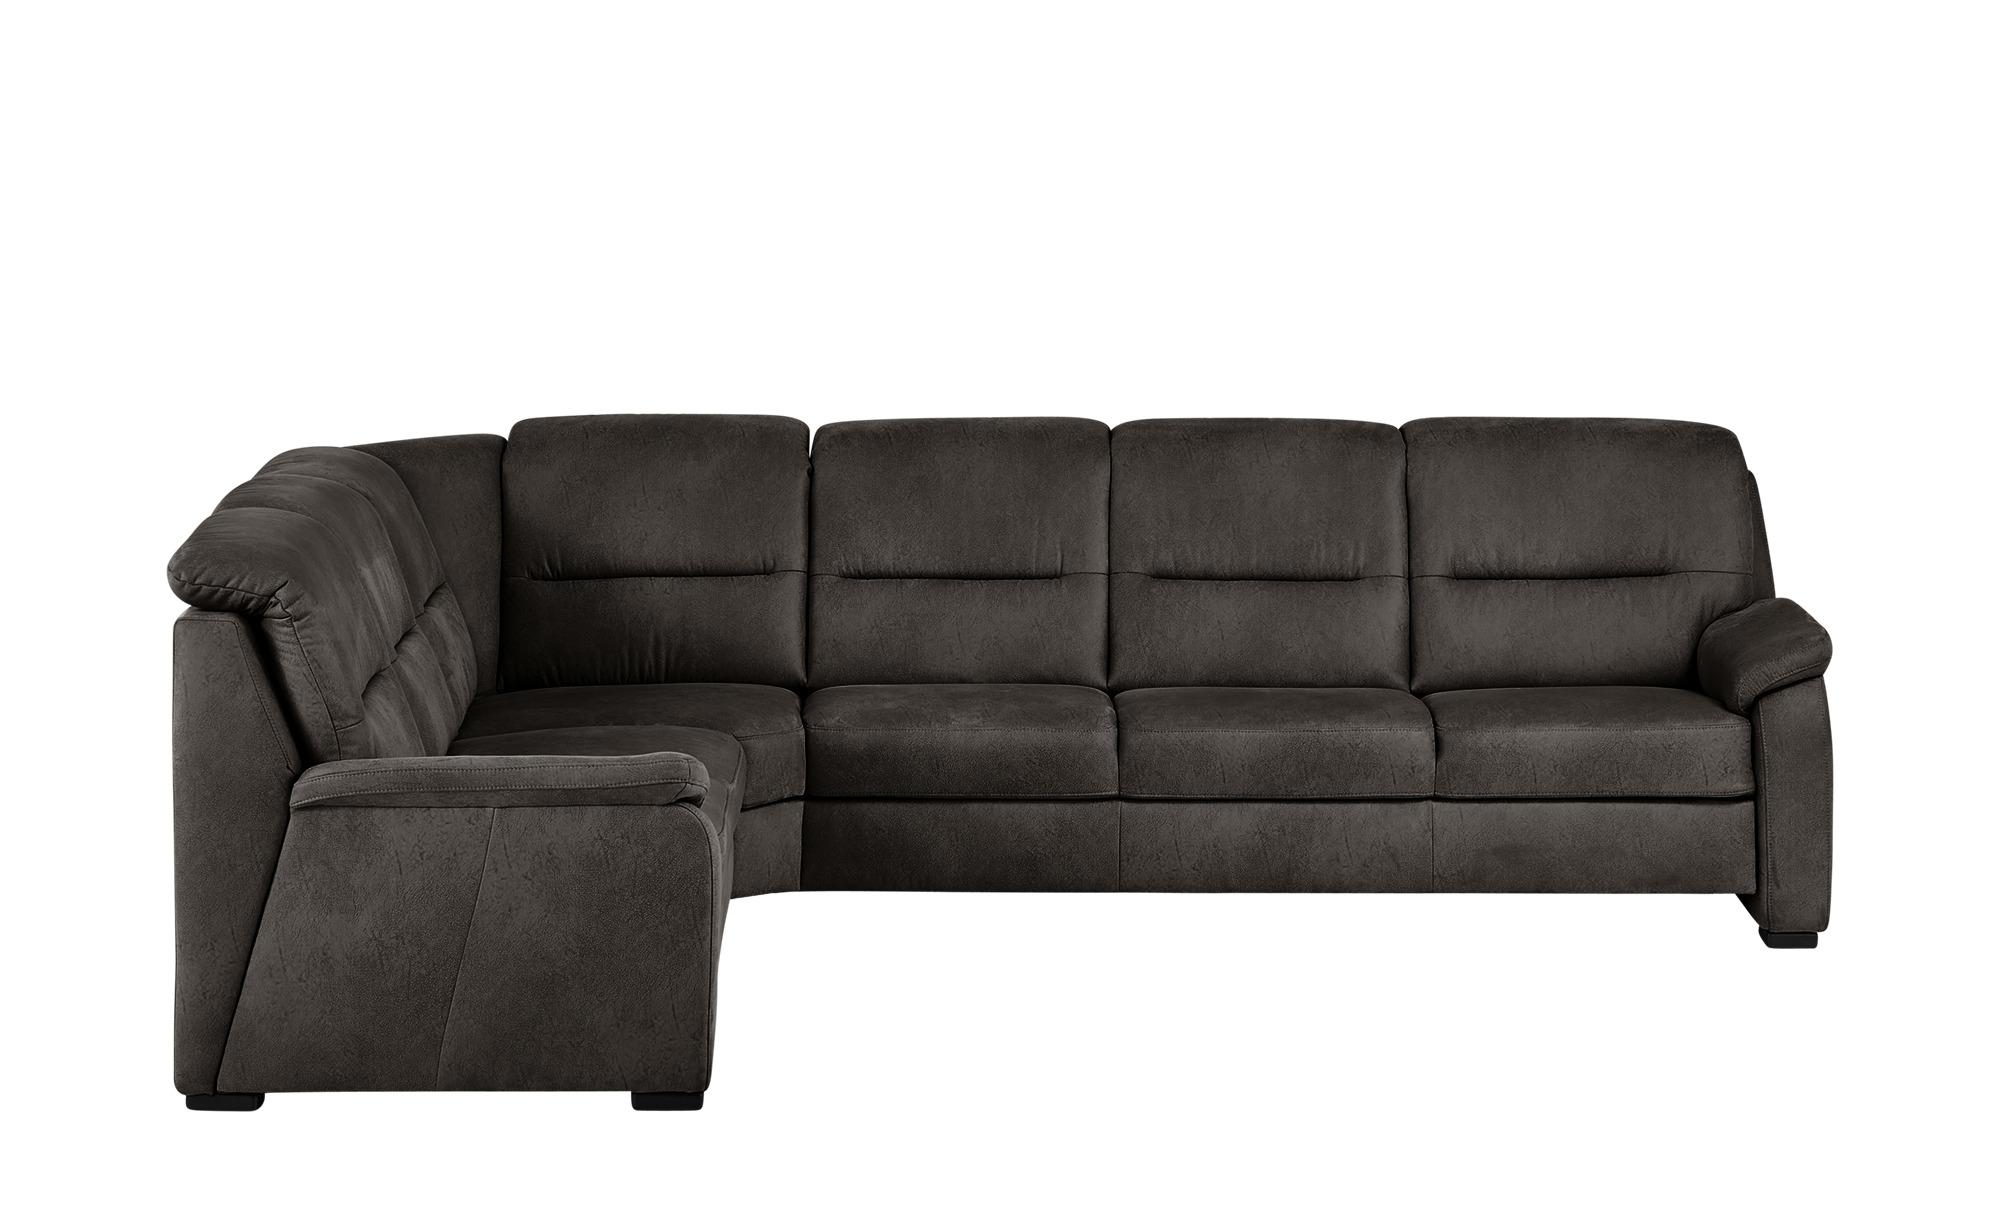 meinSofa Ecksofa  Vera - grau - Polstermöbel > Sofas > Ecksofas - Möbel Kra günstig online kaufen